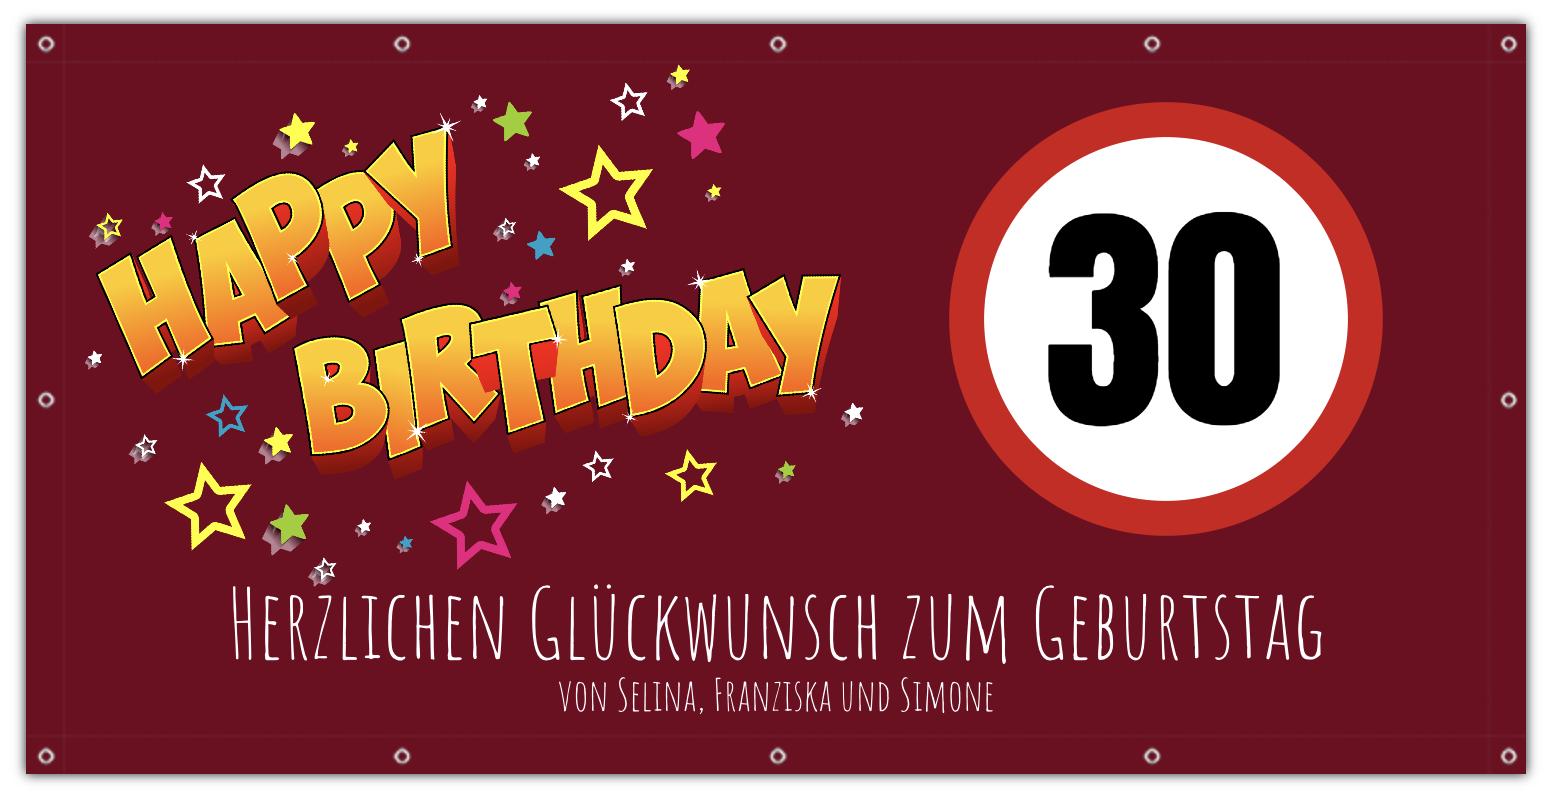 33 Neu Fotografie Von Bilder Geburtstag Kostenlos Whatsapp